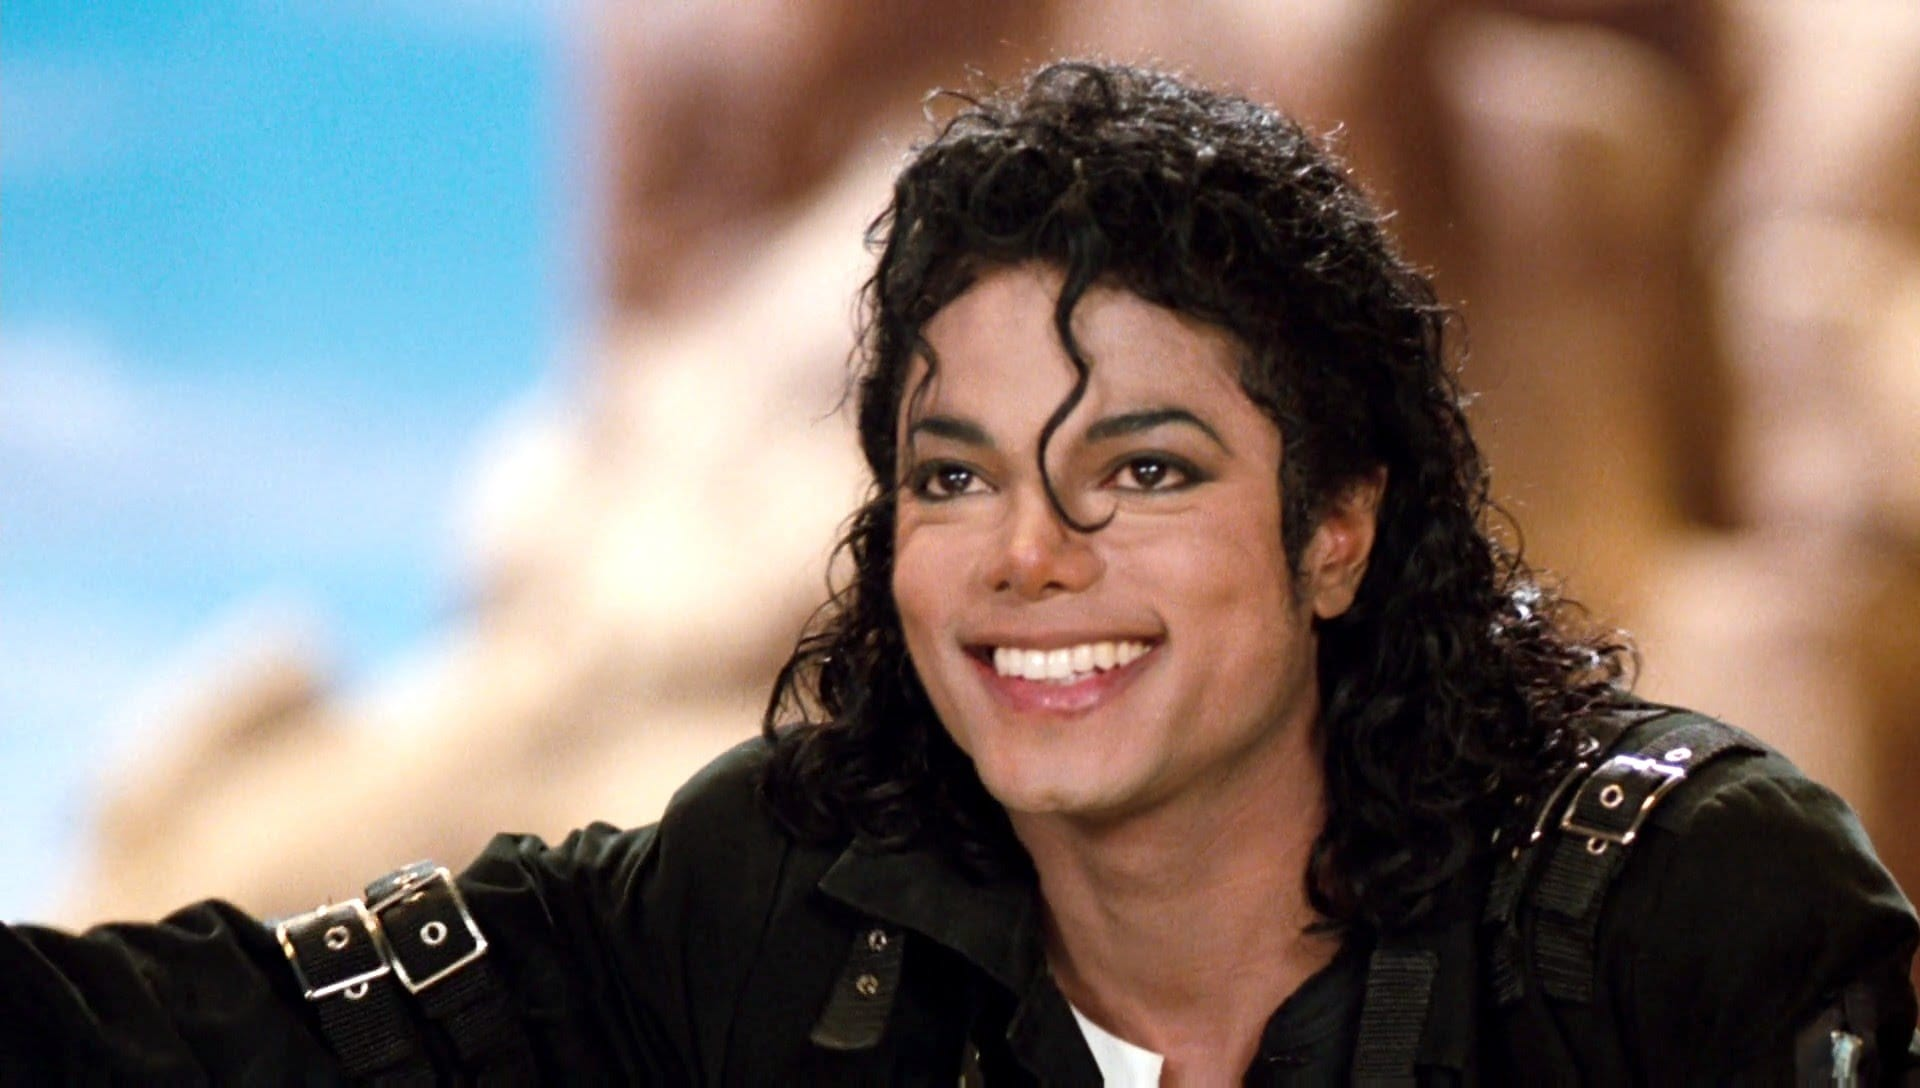 Morte Michael Jackson: svelate lettere inquietanti. Fu omicidio?